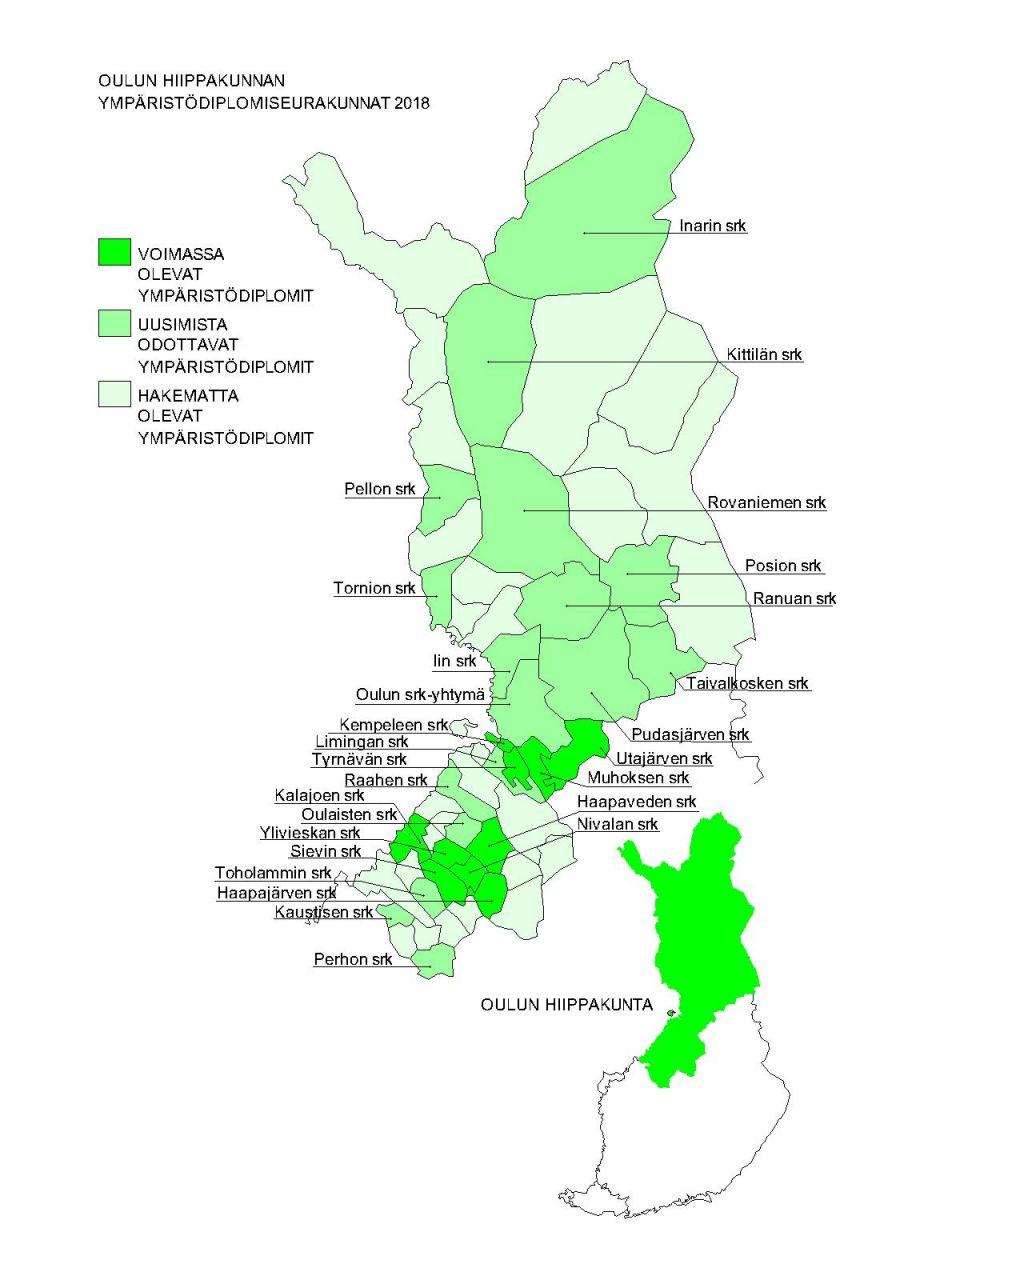 Oulun hiippakunnan ympäristödiplomiseurakunnat